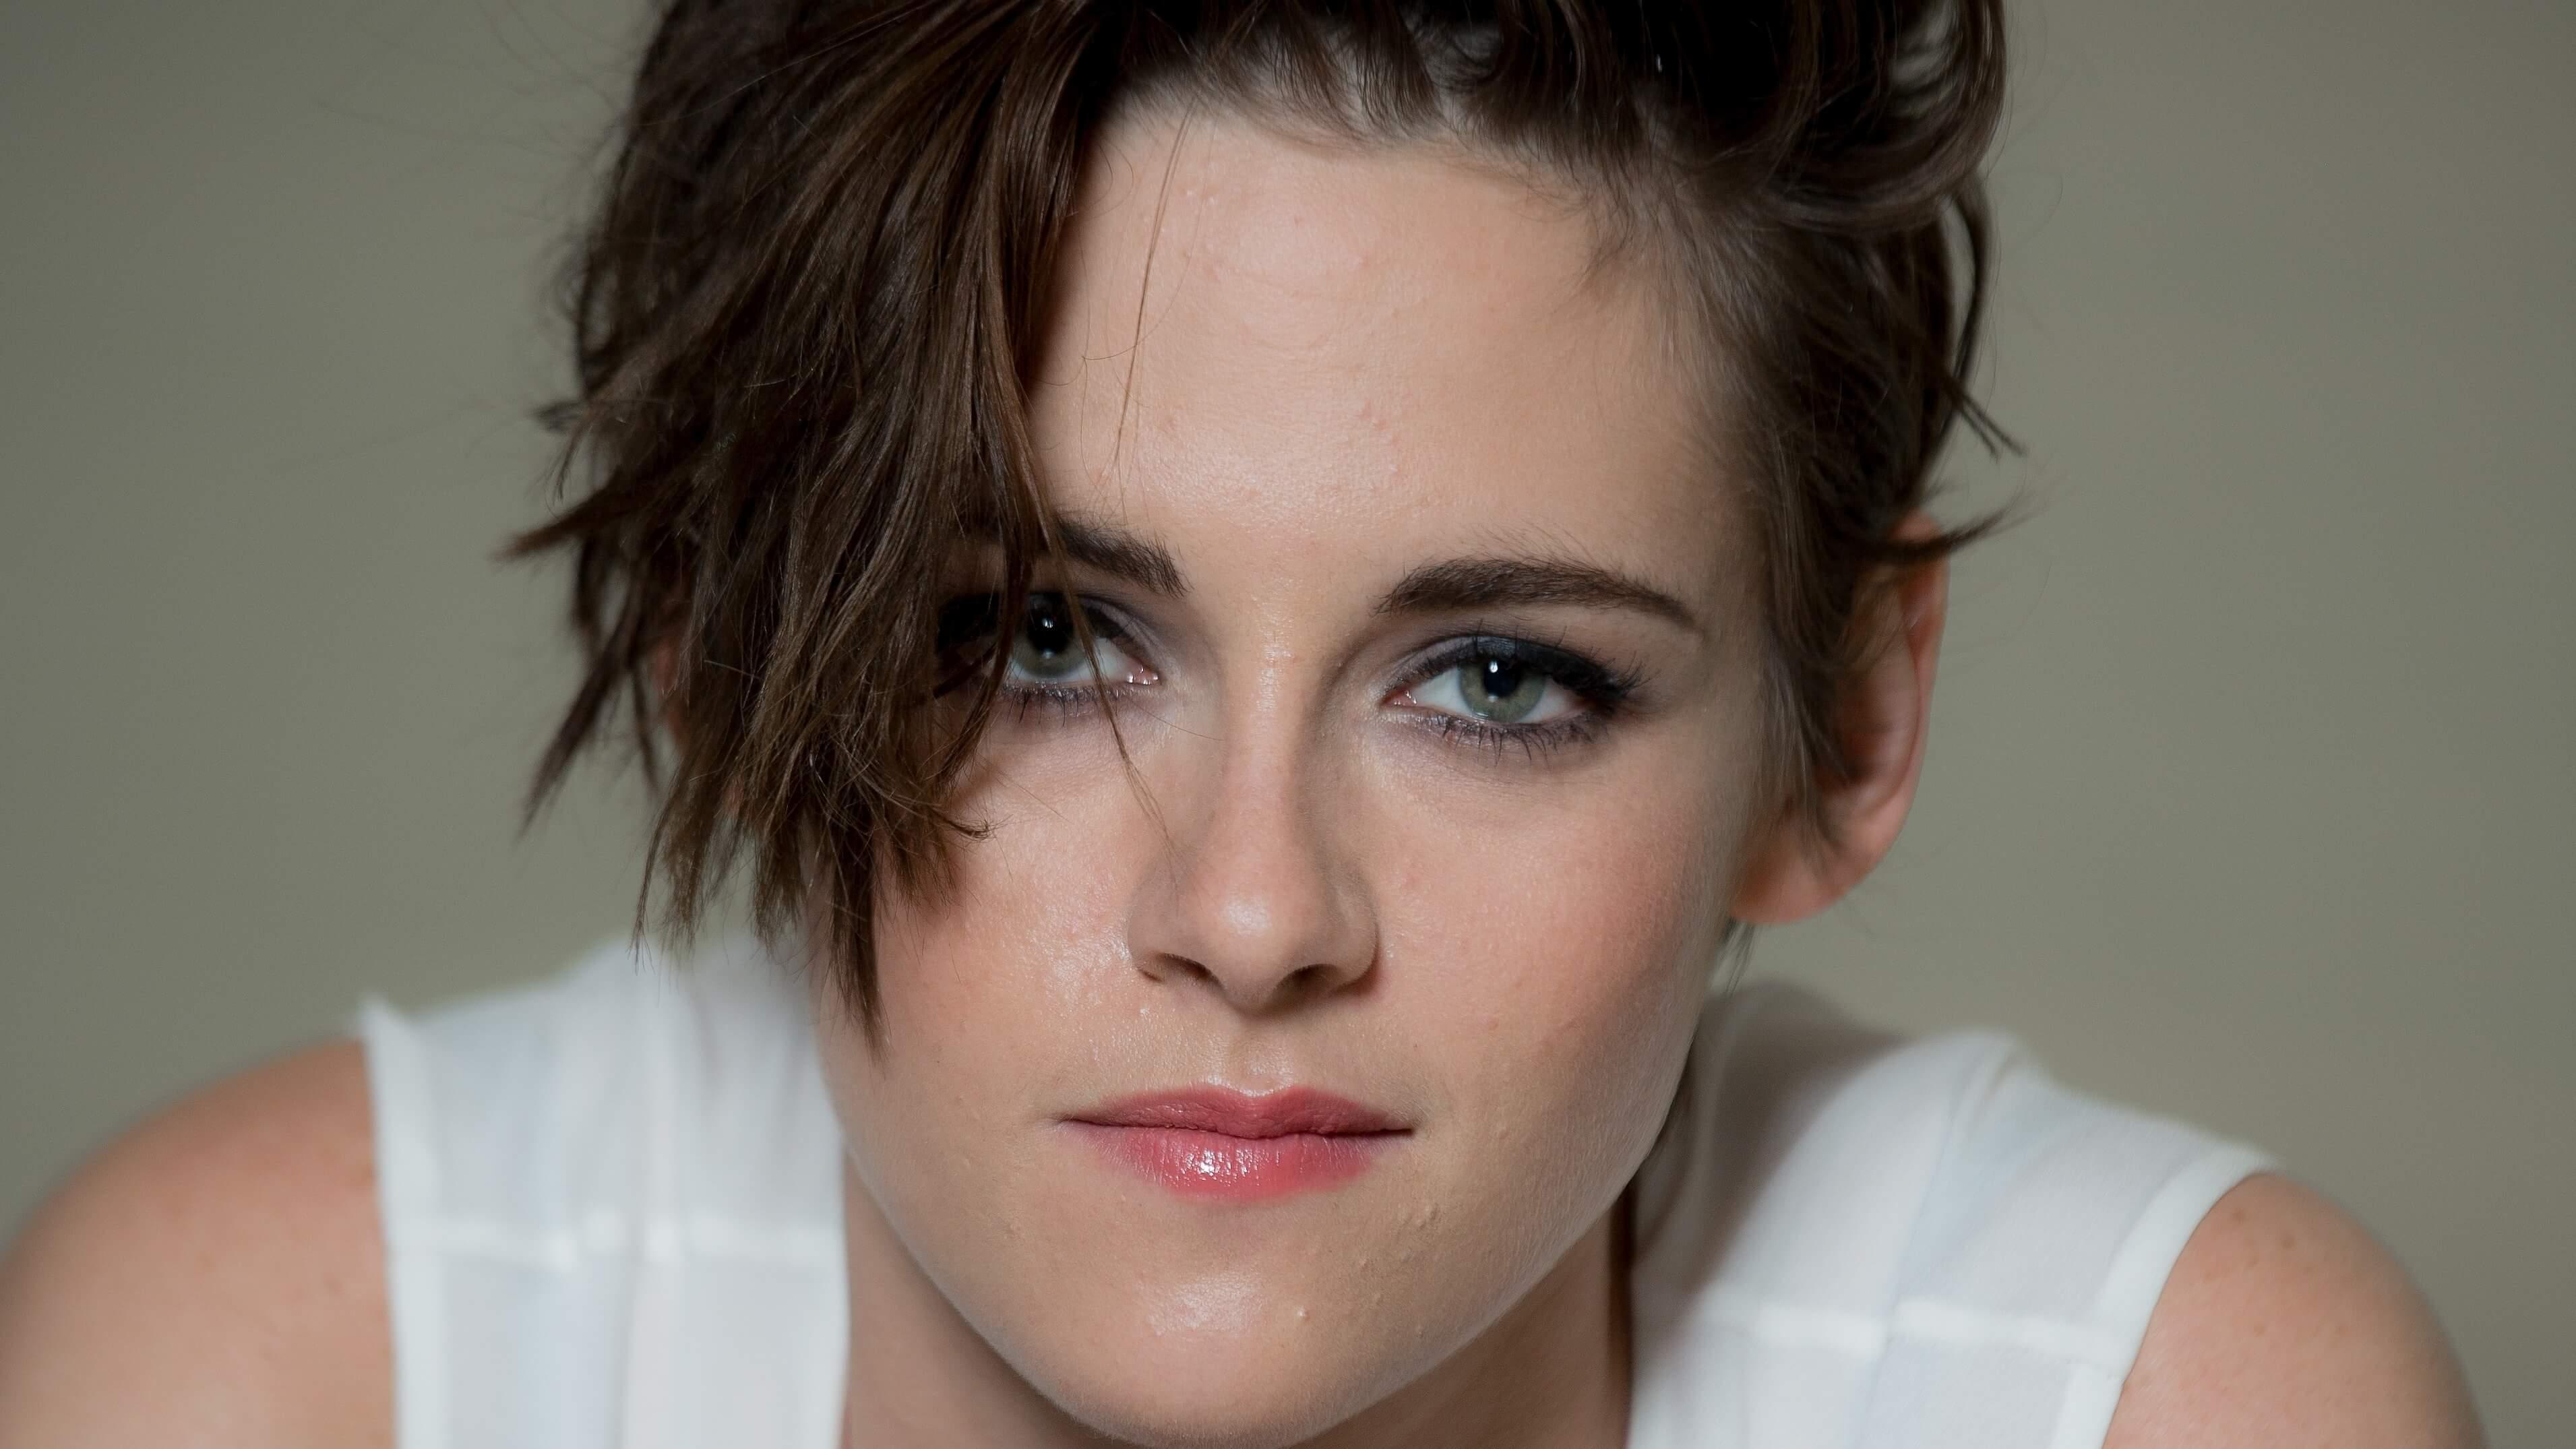 Kristen Stewart Face Wallpaper 65654 3822x2150px